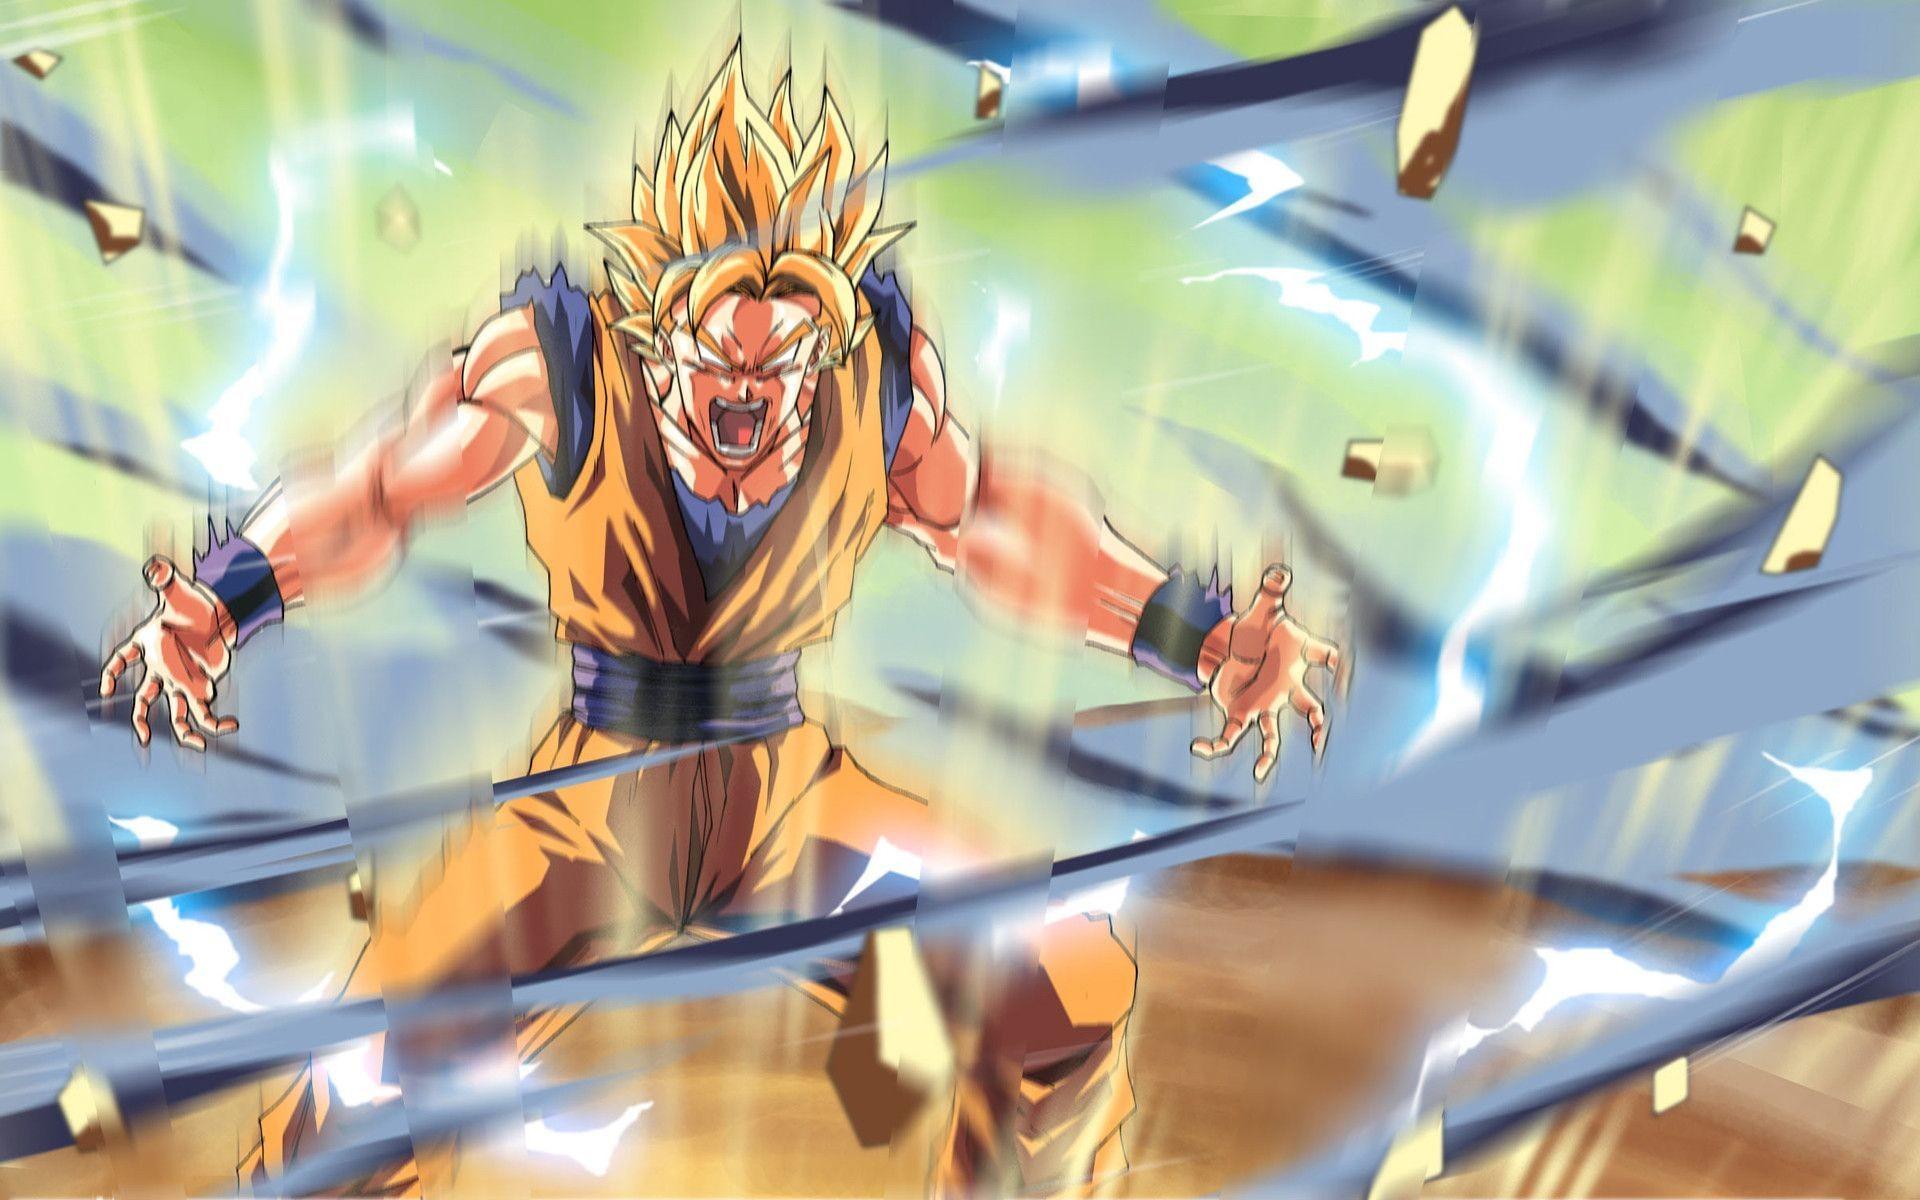 Dragon Ball Z Goku Wallpapers High Resolution : Anime Wallpaper Dragonball  Z Wallpaper Wallpapers)